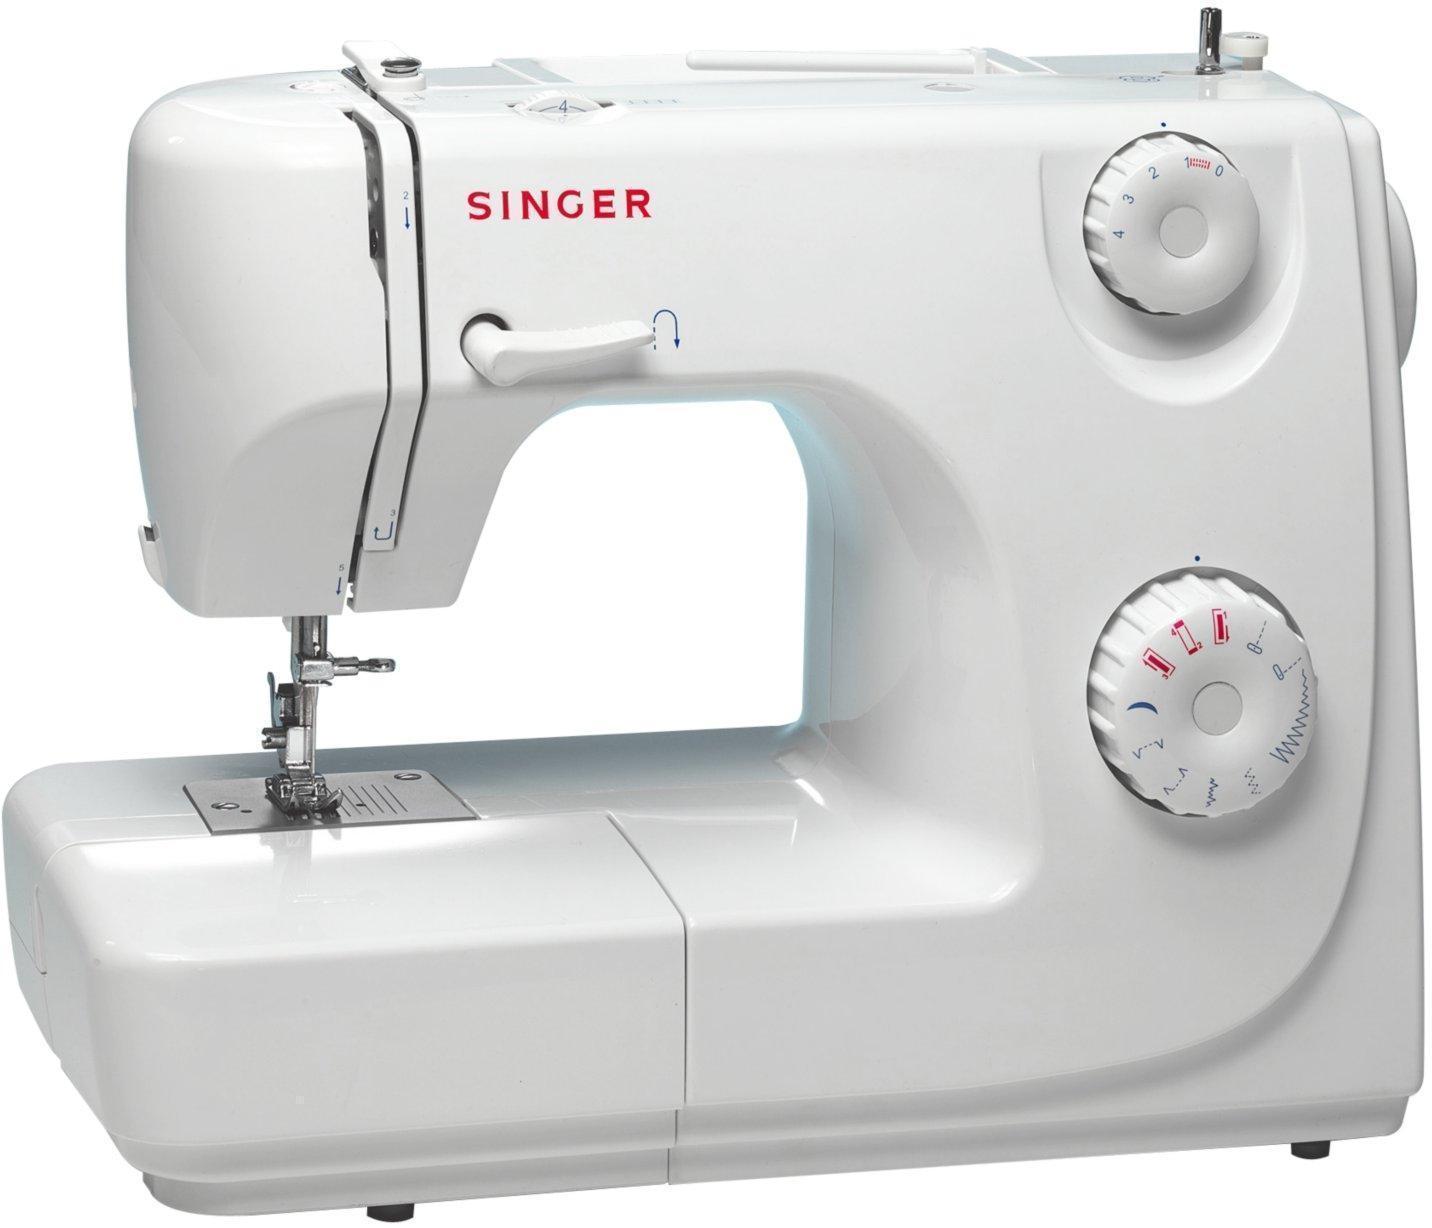 Singer 8280 швейная машина - Швейные машины и аксессуары